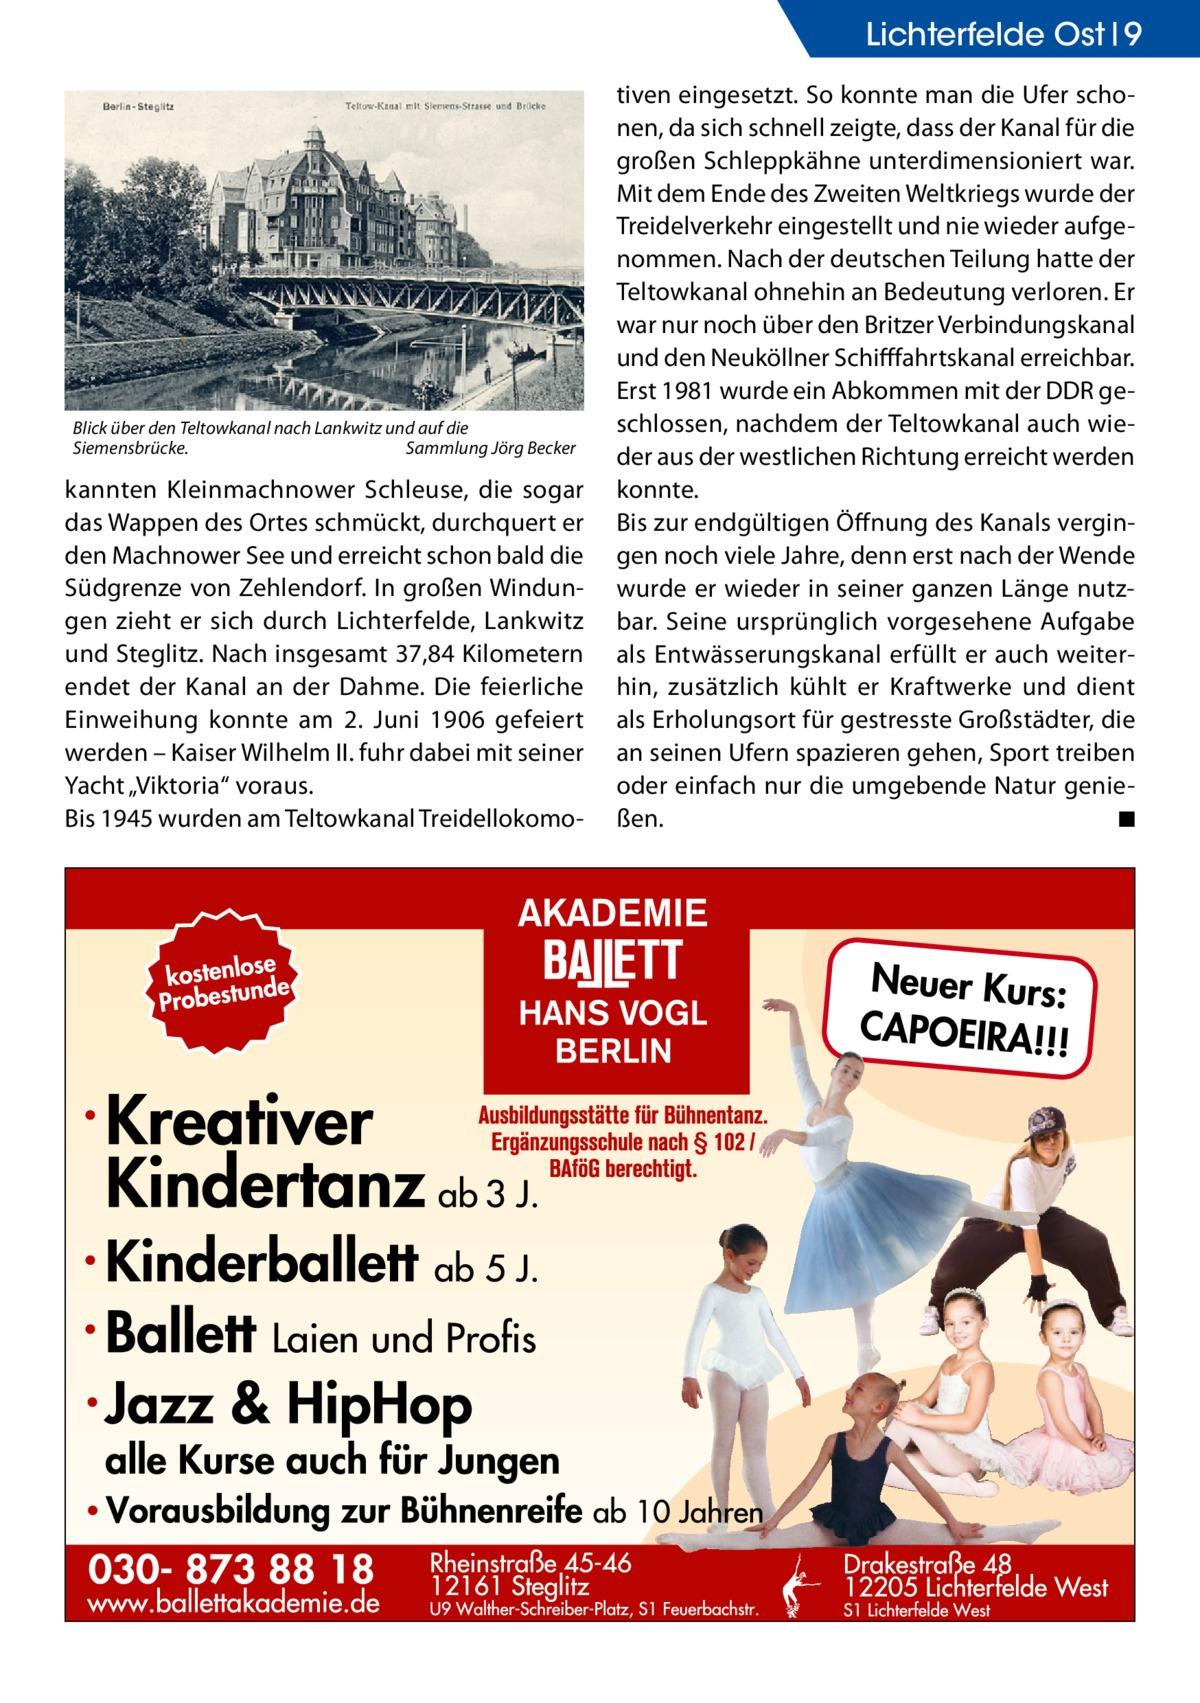 """Lichterfelde Ost 9  Blick über den Teltowkanal nach Lankwitz und auf die Siemensbrücke.� Sammlung Jörg Becker  kannten Kleinmachnower Schleuse, die sogar das Wappen des Ortes schmückt, durchquert er den Machnower See und erreicht schon bald die Südgrenze von Zehlendorf. In großen Windungen zieht er sich durch Lichterfelde, Lankwitz und Steglitz. Nach insgesamt 37,84 Kilometern endet der Kanal an der Dahme. Die feierliche Einweihung konnte am 2. Juni 1906 gefeiert werden – Kaiser Wilhelm II. fuhr dabei mit seiner Yacht """"Viktoria"""" voraus. Bis 1945 wurden am Teltowkanal Treidellokomo tiven eingesetzt. So konnte man die Ufer schonen, da sich schnell zeigte, dass der Kanal für die großen Schleppkähne unterdimensioniert war. Mit dem Ende des Zweiten Weltkriegs wurde der Treidelverkehr eingestellt und nie wieder aufgenommen. Nach der deutschen Teilung hatte der Teltowkanal ohnehin an Bedeutung verloren. Er war nur noch über den Britzer Verbindungskanal und den Neuköllner Schifffahrtskanal erreichbar. Erst 1981 wurde ein Abkommen mit der DDR geschlossen, nachdem der Teltowkanal auch wieder aus der westlichen Richtung erreicht werden konnte. Bis zur endgültigen Öffnung des Kanals vergingen noch viele Jahre, denn erst nach der Wende wurde er wieder in seiner ganzen Länge nutzbar. Seine ursprünglich vorgesehene Aufgabe als Entwässerungskanal erfüllt er auch weiterhin, zusätzlich kühlt er Kraftwerke und dient als Erholungsort für gestresste Großstädter, die an seinen Ufern spazieren gehen, Sport treiben oder einfach nur die umgebende Natur genießen. � ◾"""